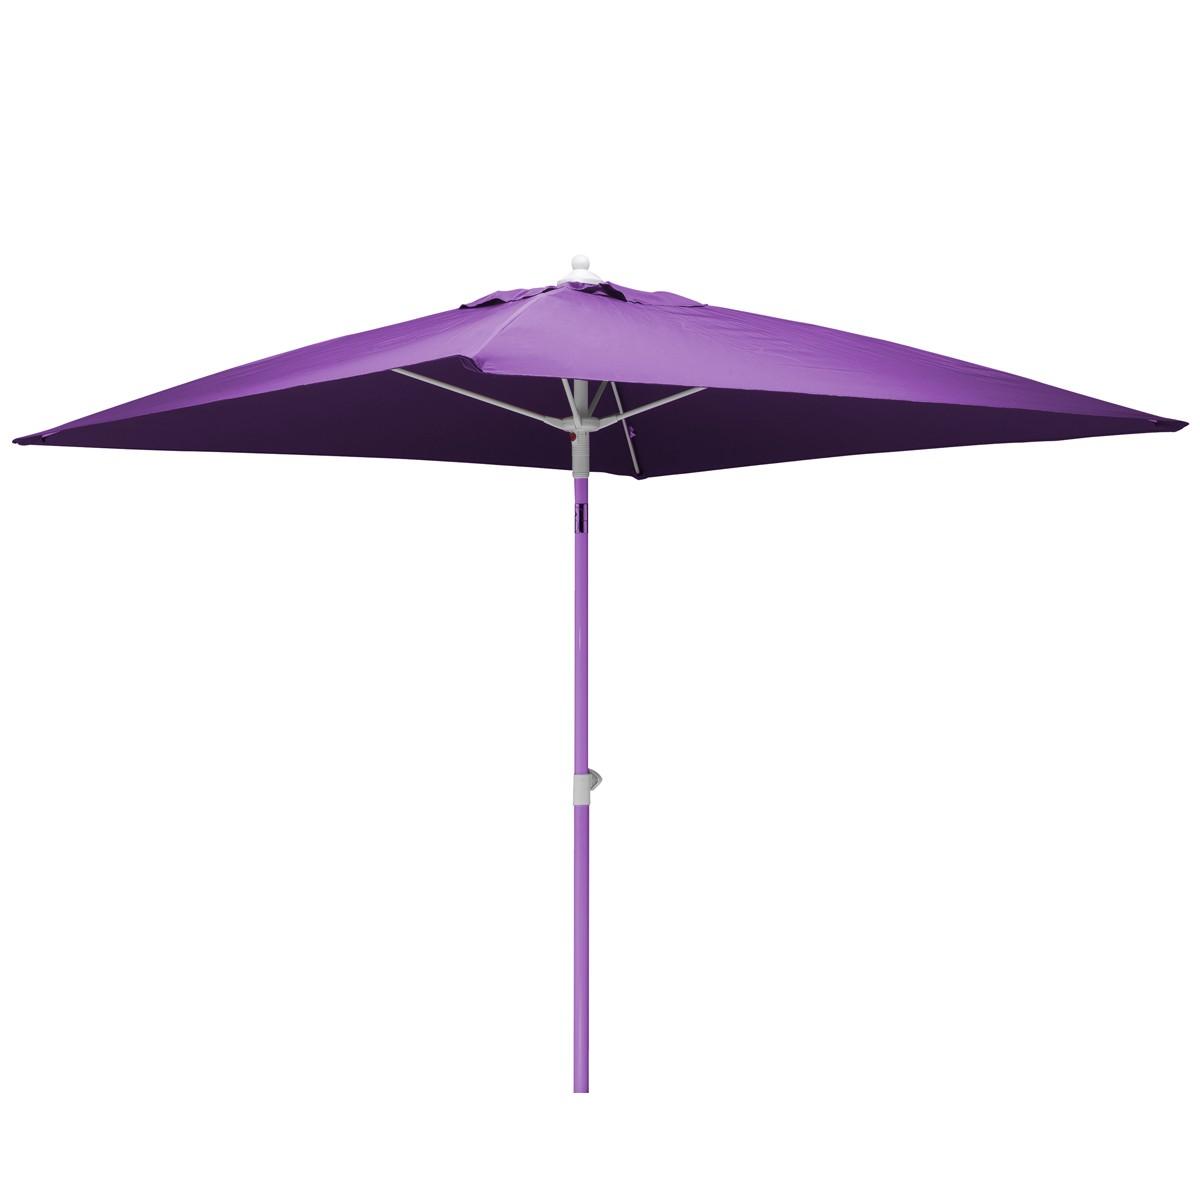 acheter parasol 2 x 2 violet